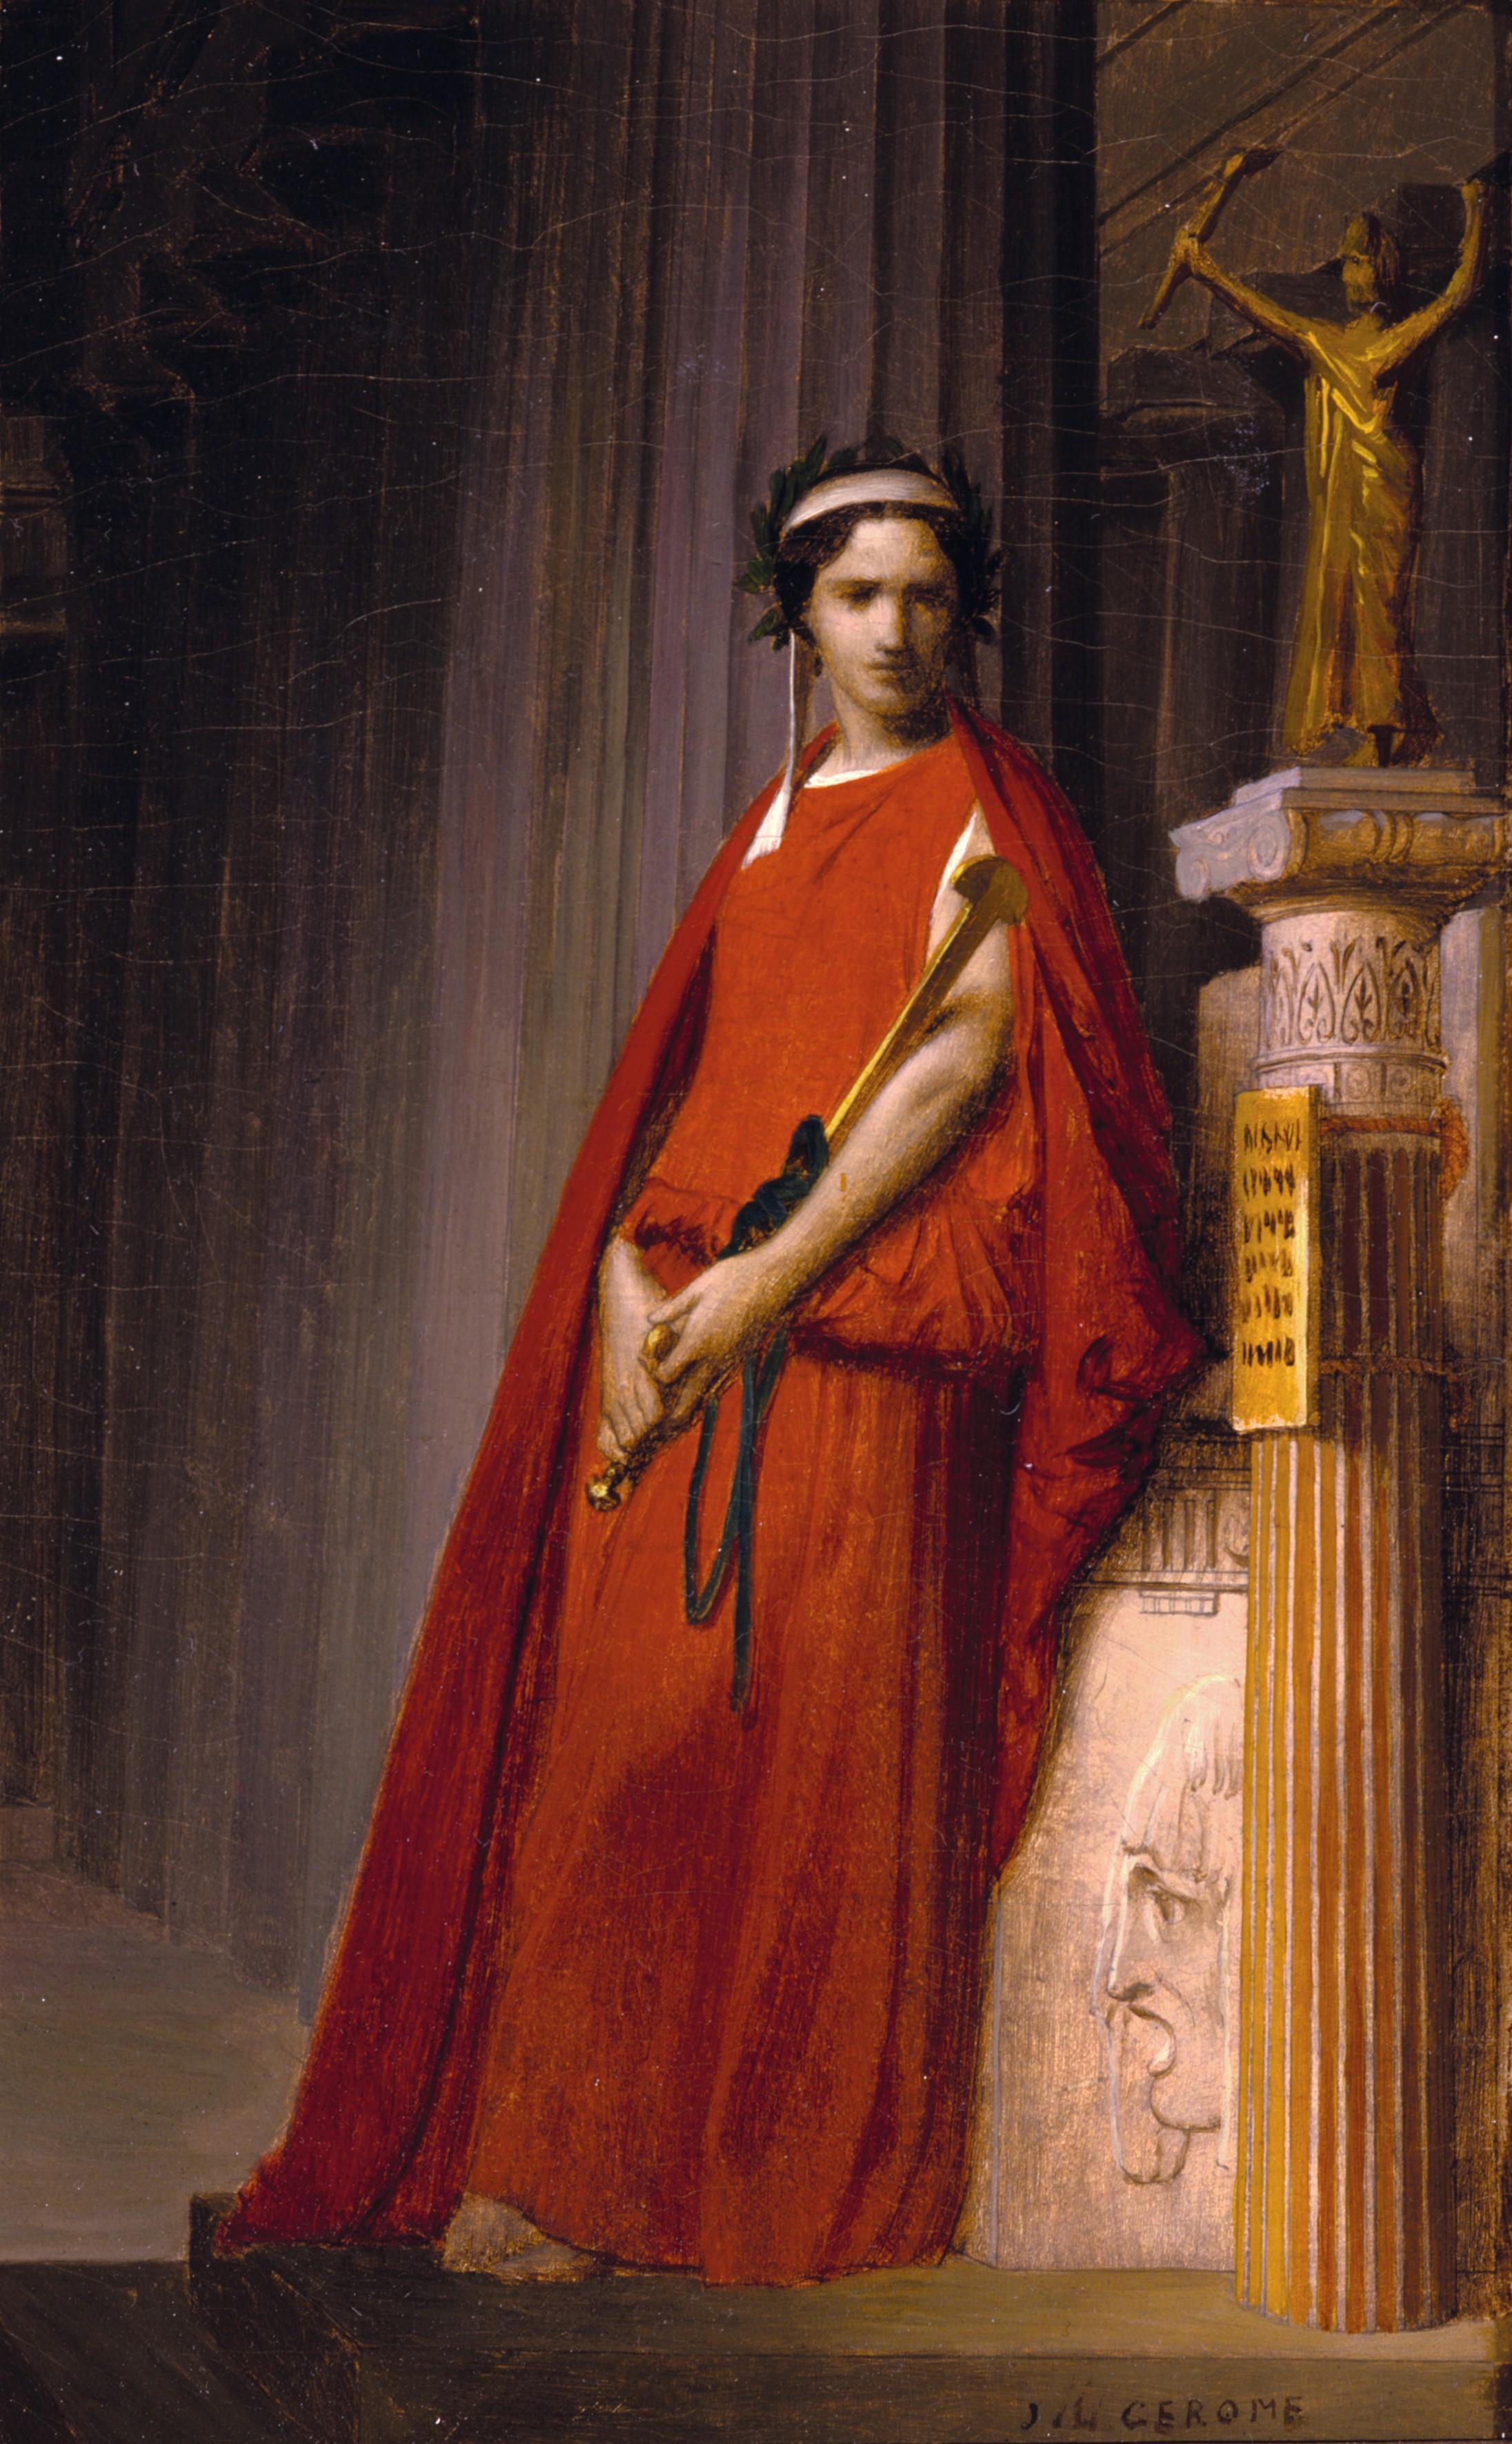 Jean-Léon Gérôme, Étude pour Rachel, 1859, huile sur toile, Dahesh Museum of Art, New York, États-Unis.